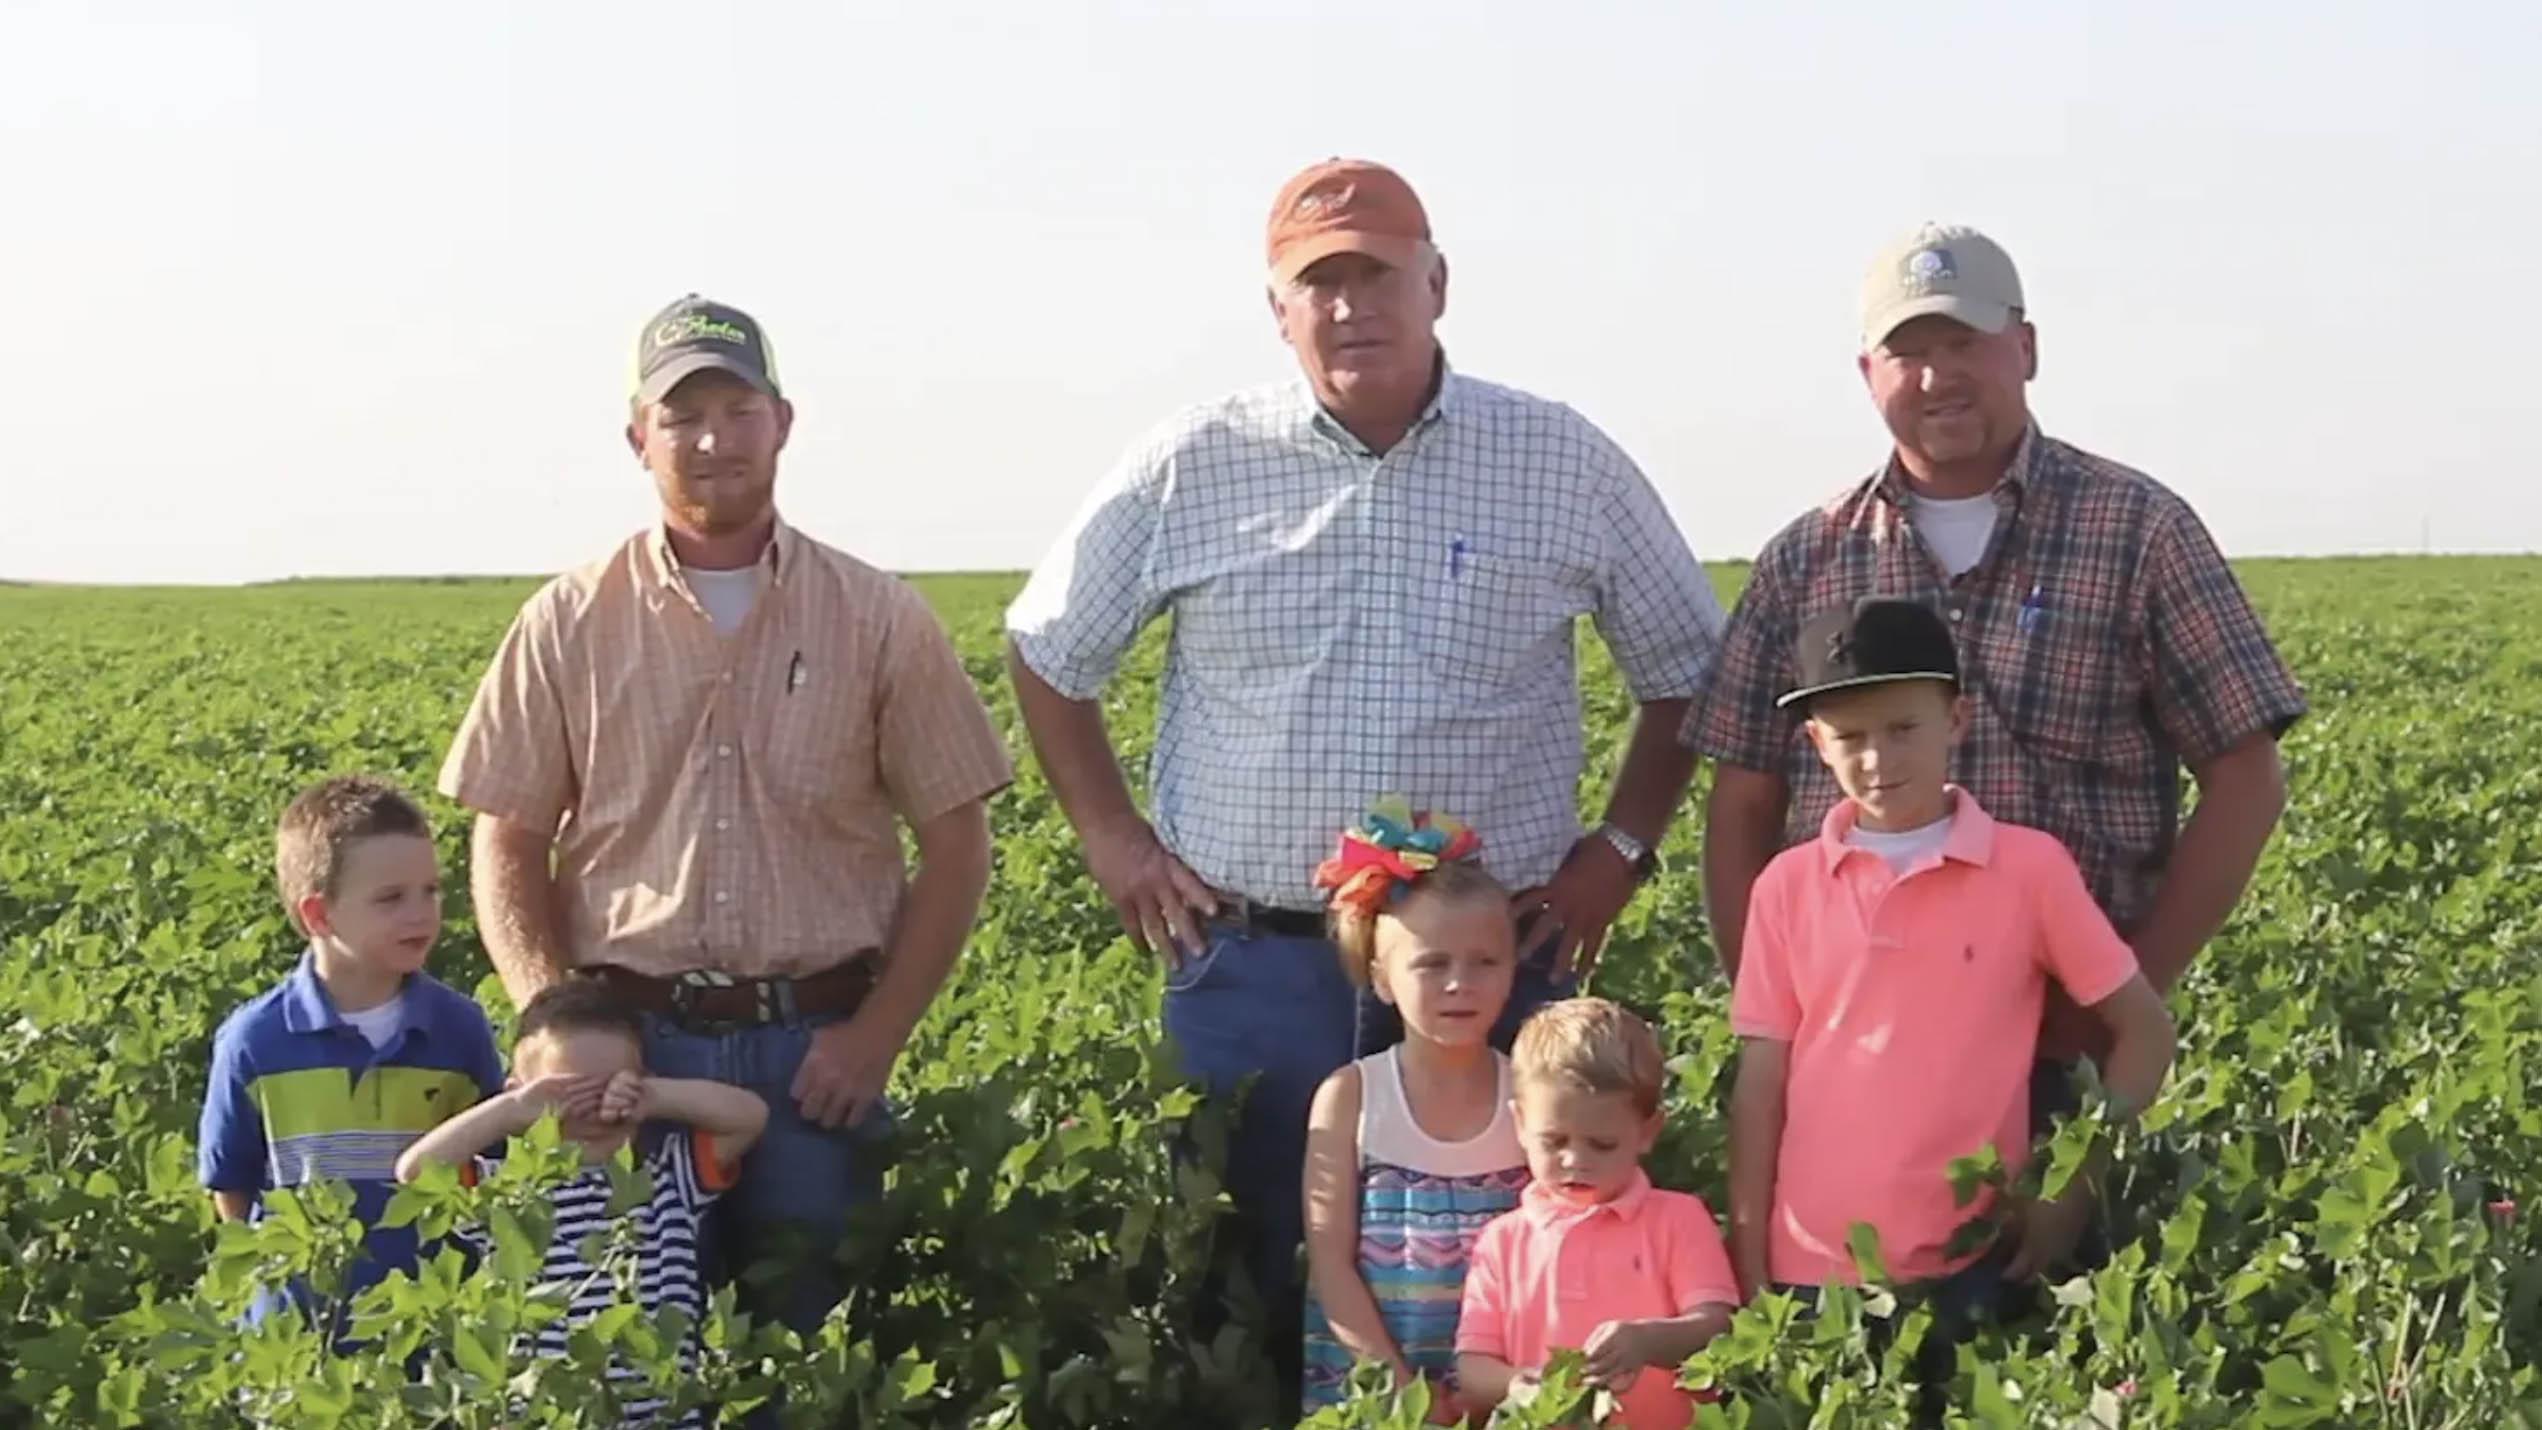 Abernathy Family | Cotton Farmers